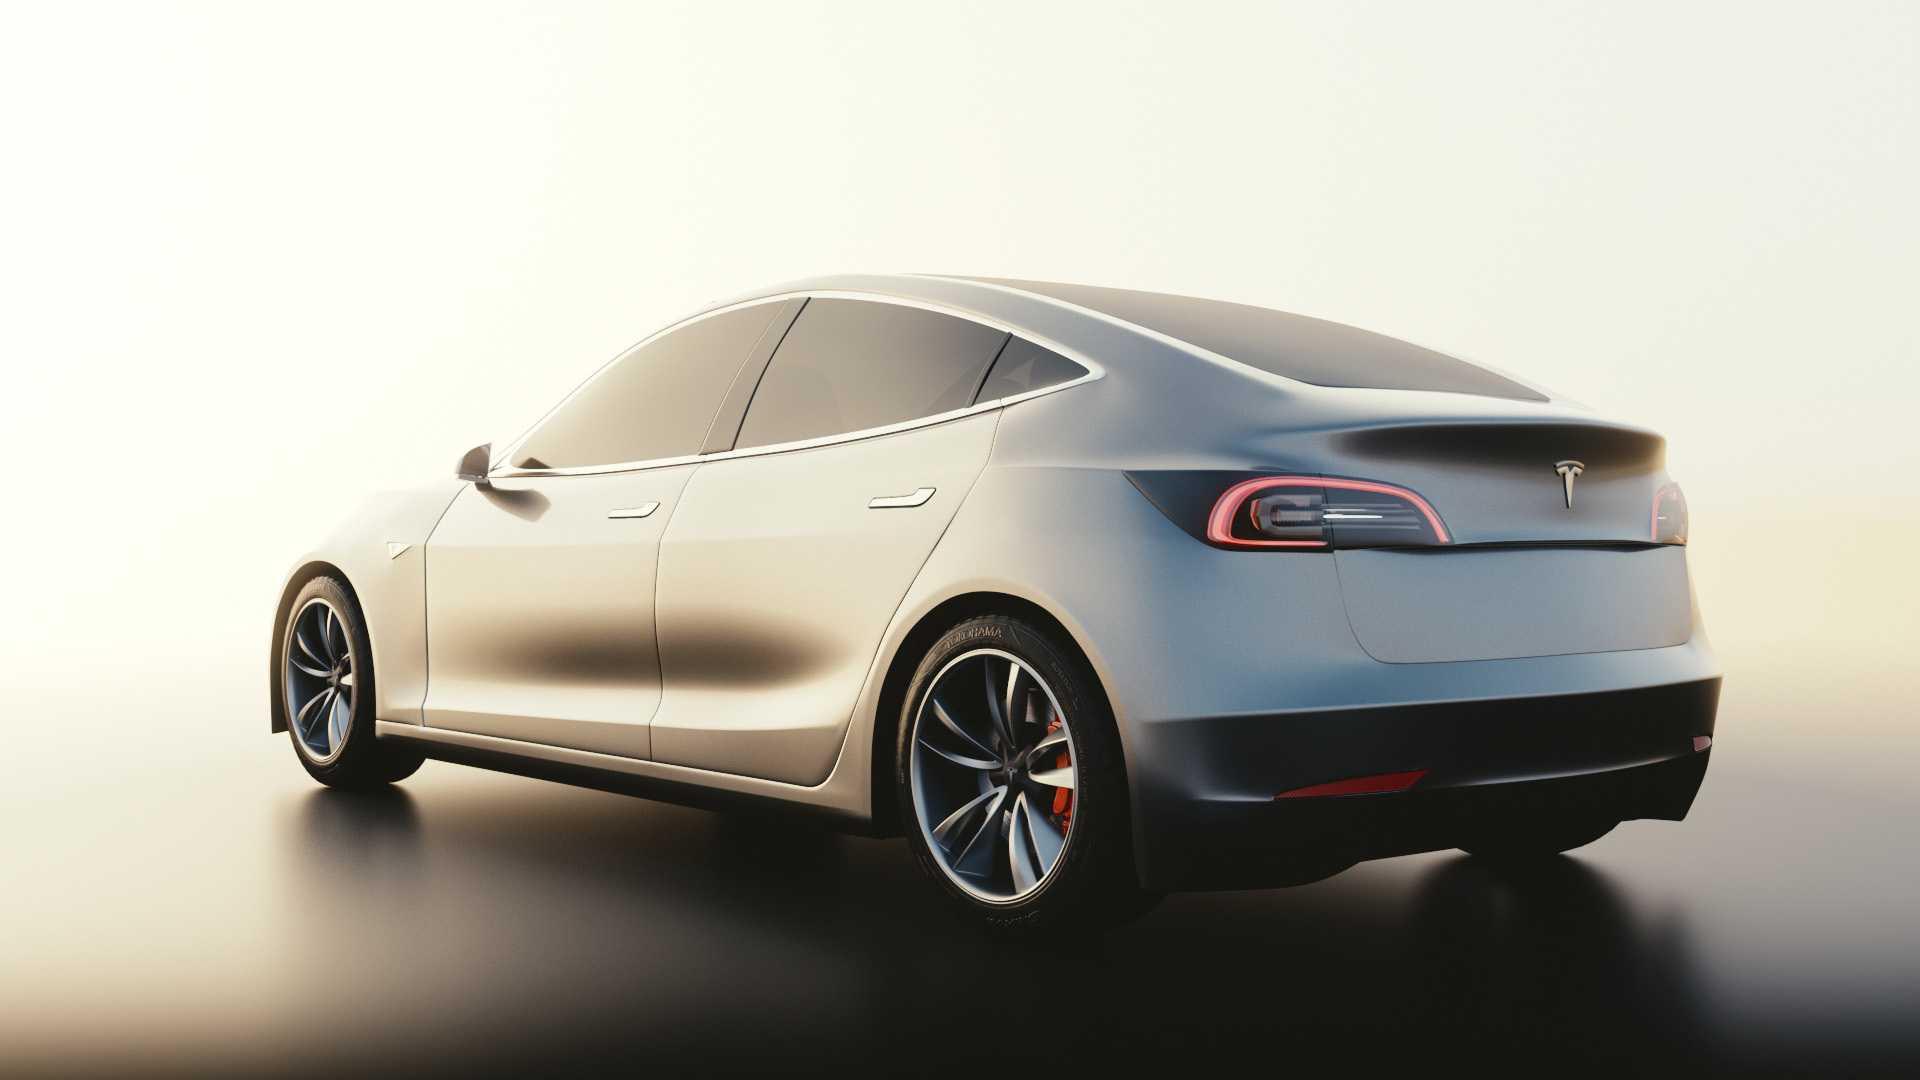 Dank Filmic gehen die Umrisse dieses Tesla Model 3 weich in den hellen Hintergrund über.